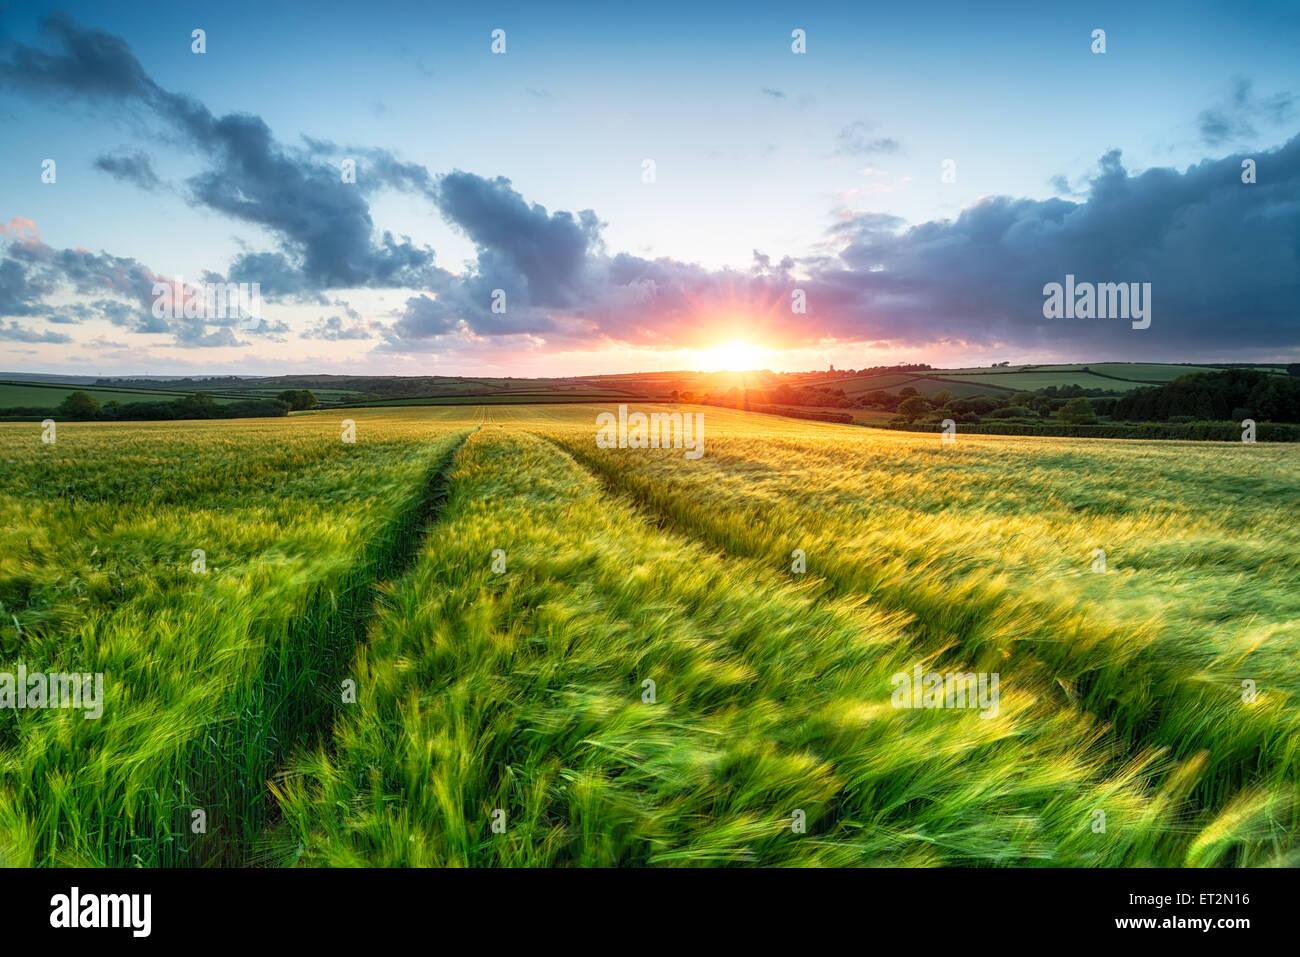 Sonnenuntergang über Ackerland mit Gerste in der Brise weht Stockfoto